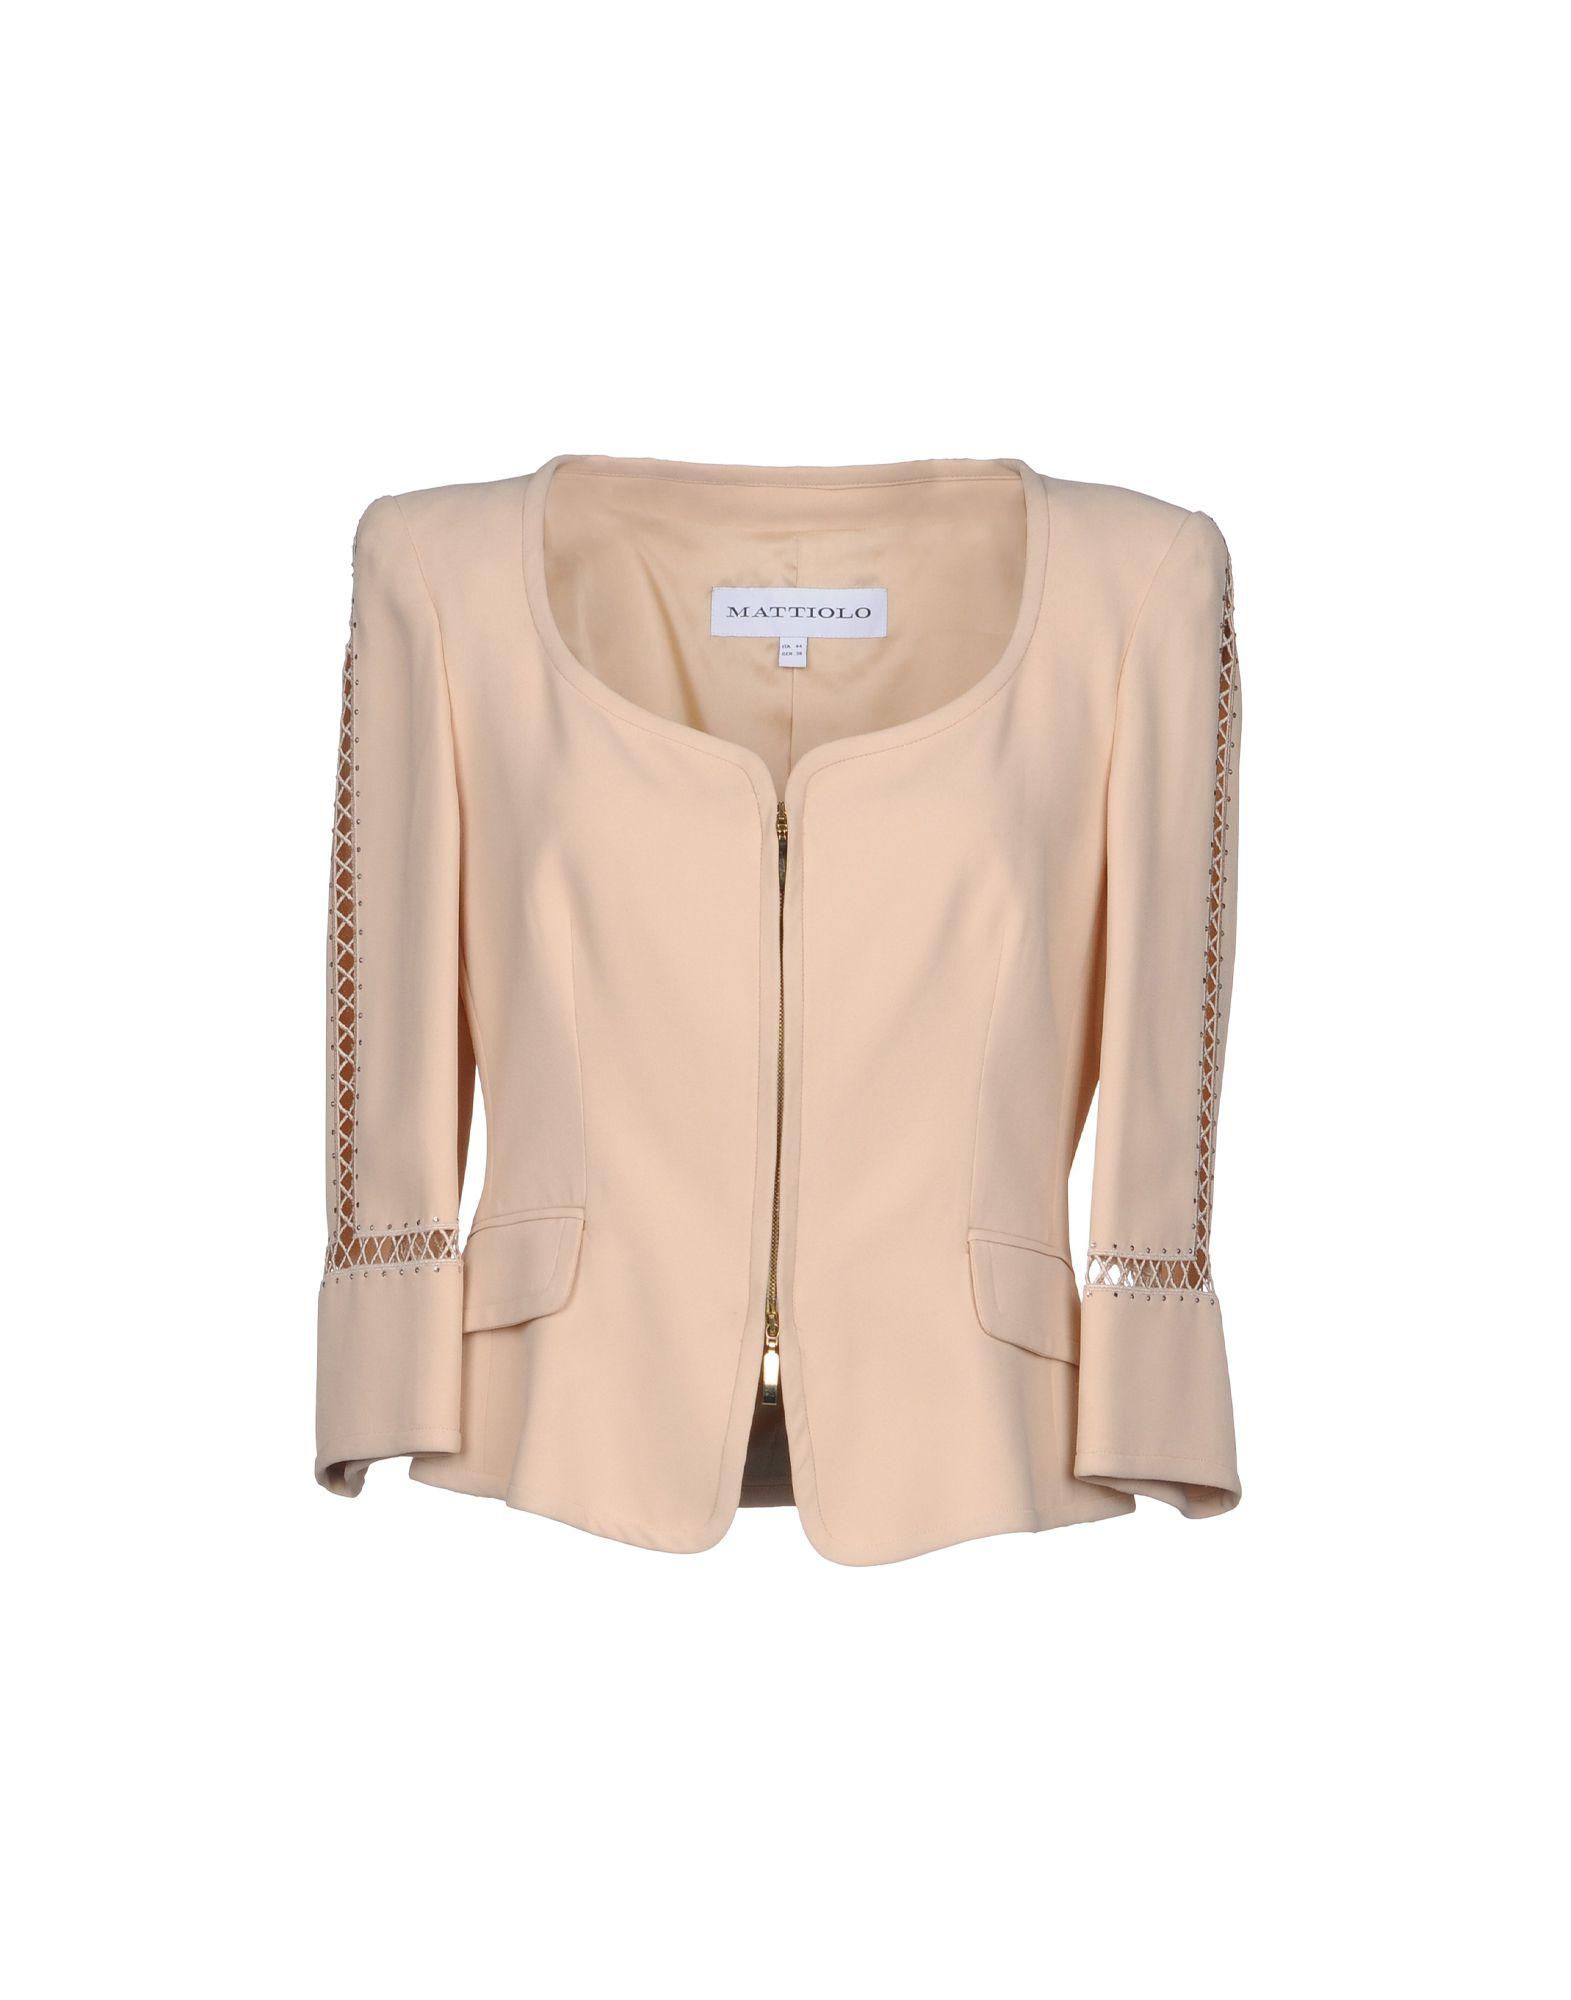 GAI MATTIOLO Пиджак gai mattiolo couture юбка длиной 3 4